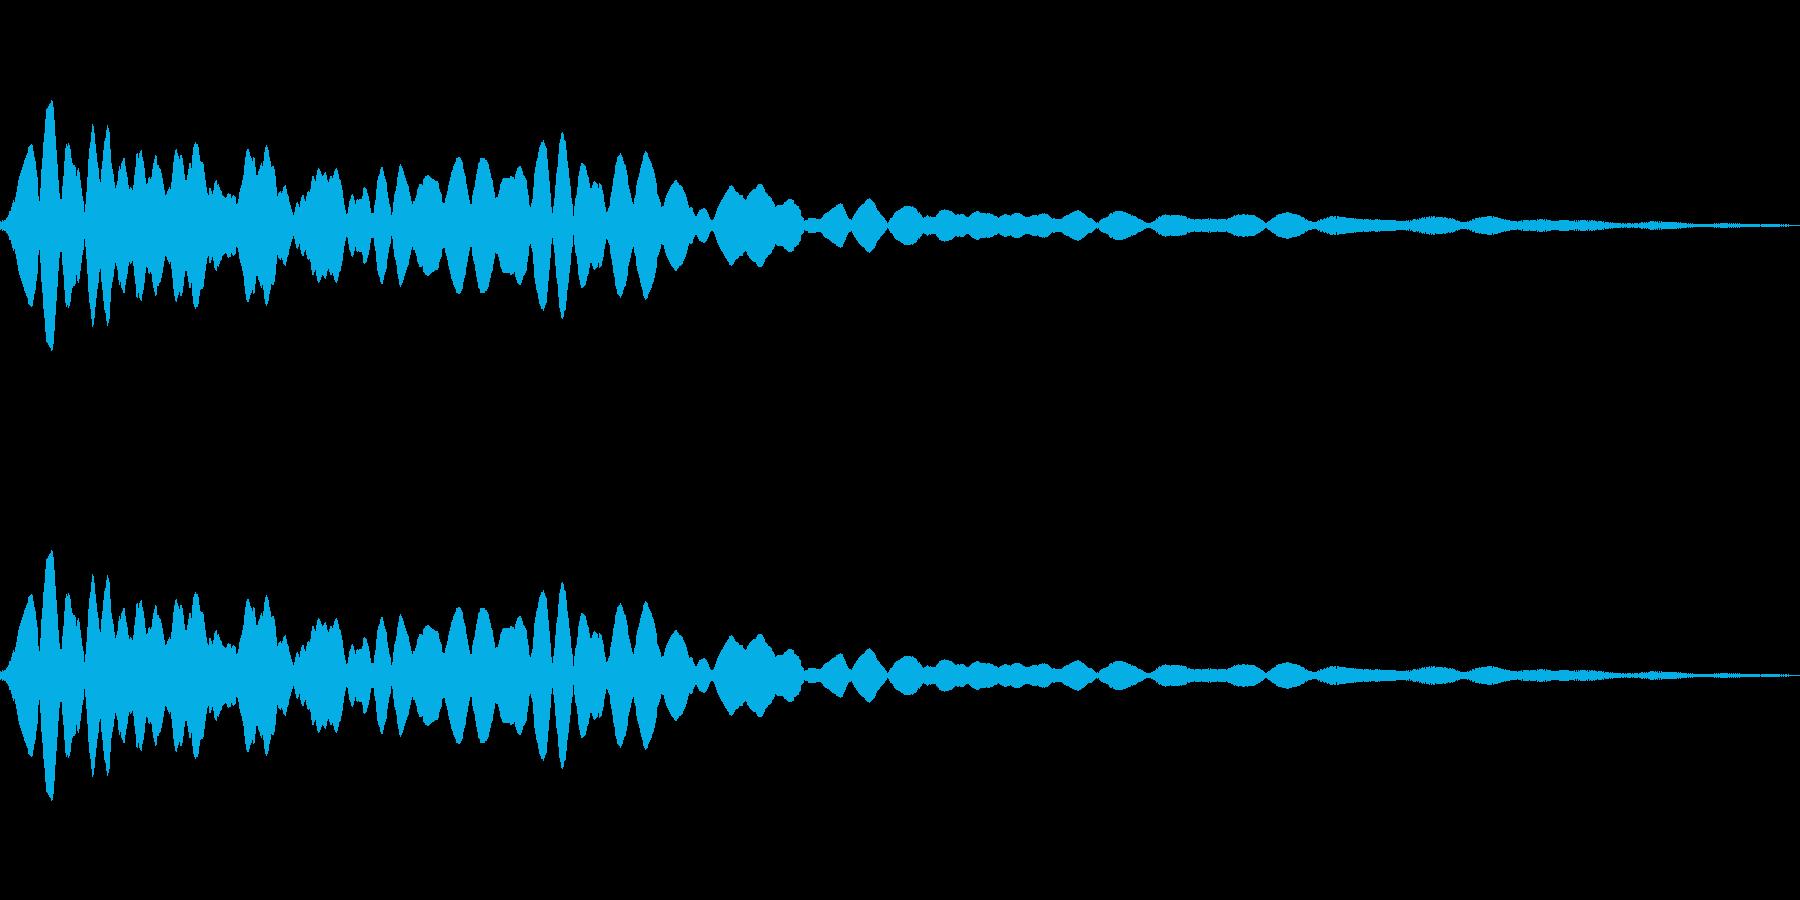 ピュゥゥゥゥ(落ちる・下がる)の再生済みの波形